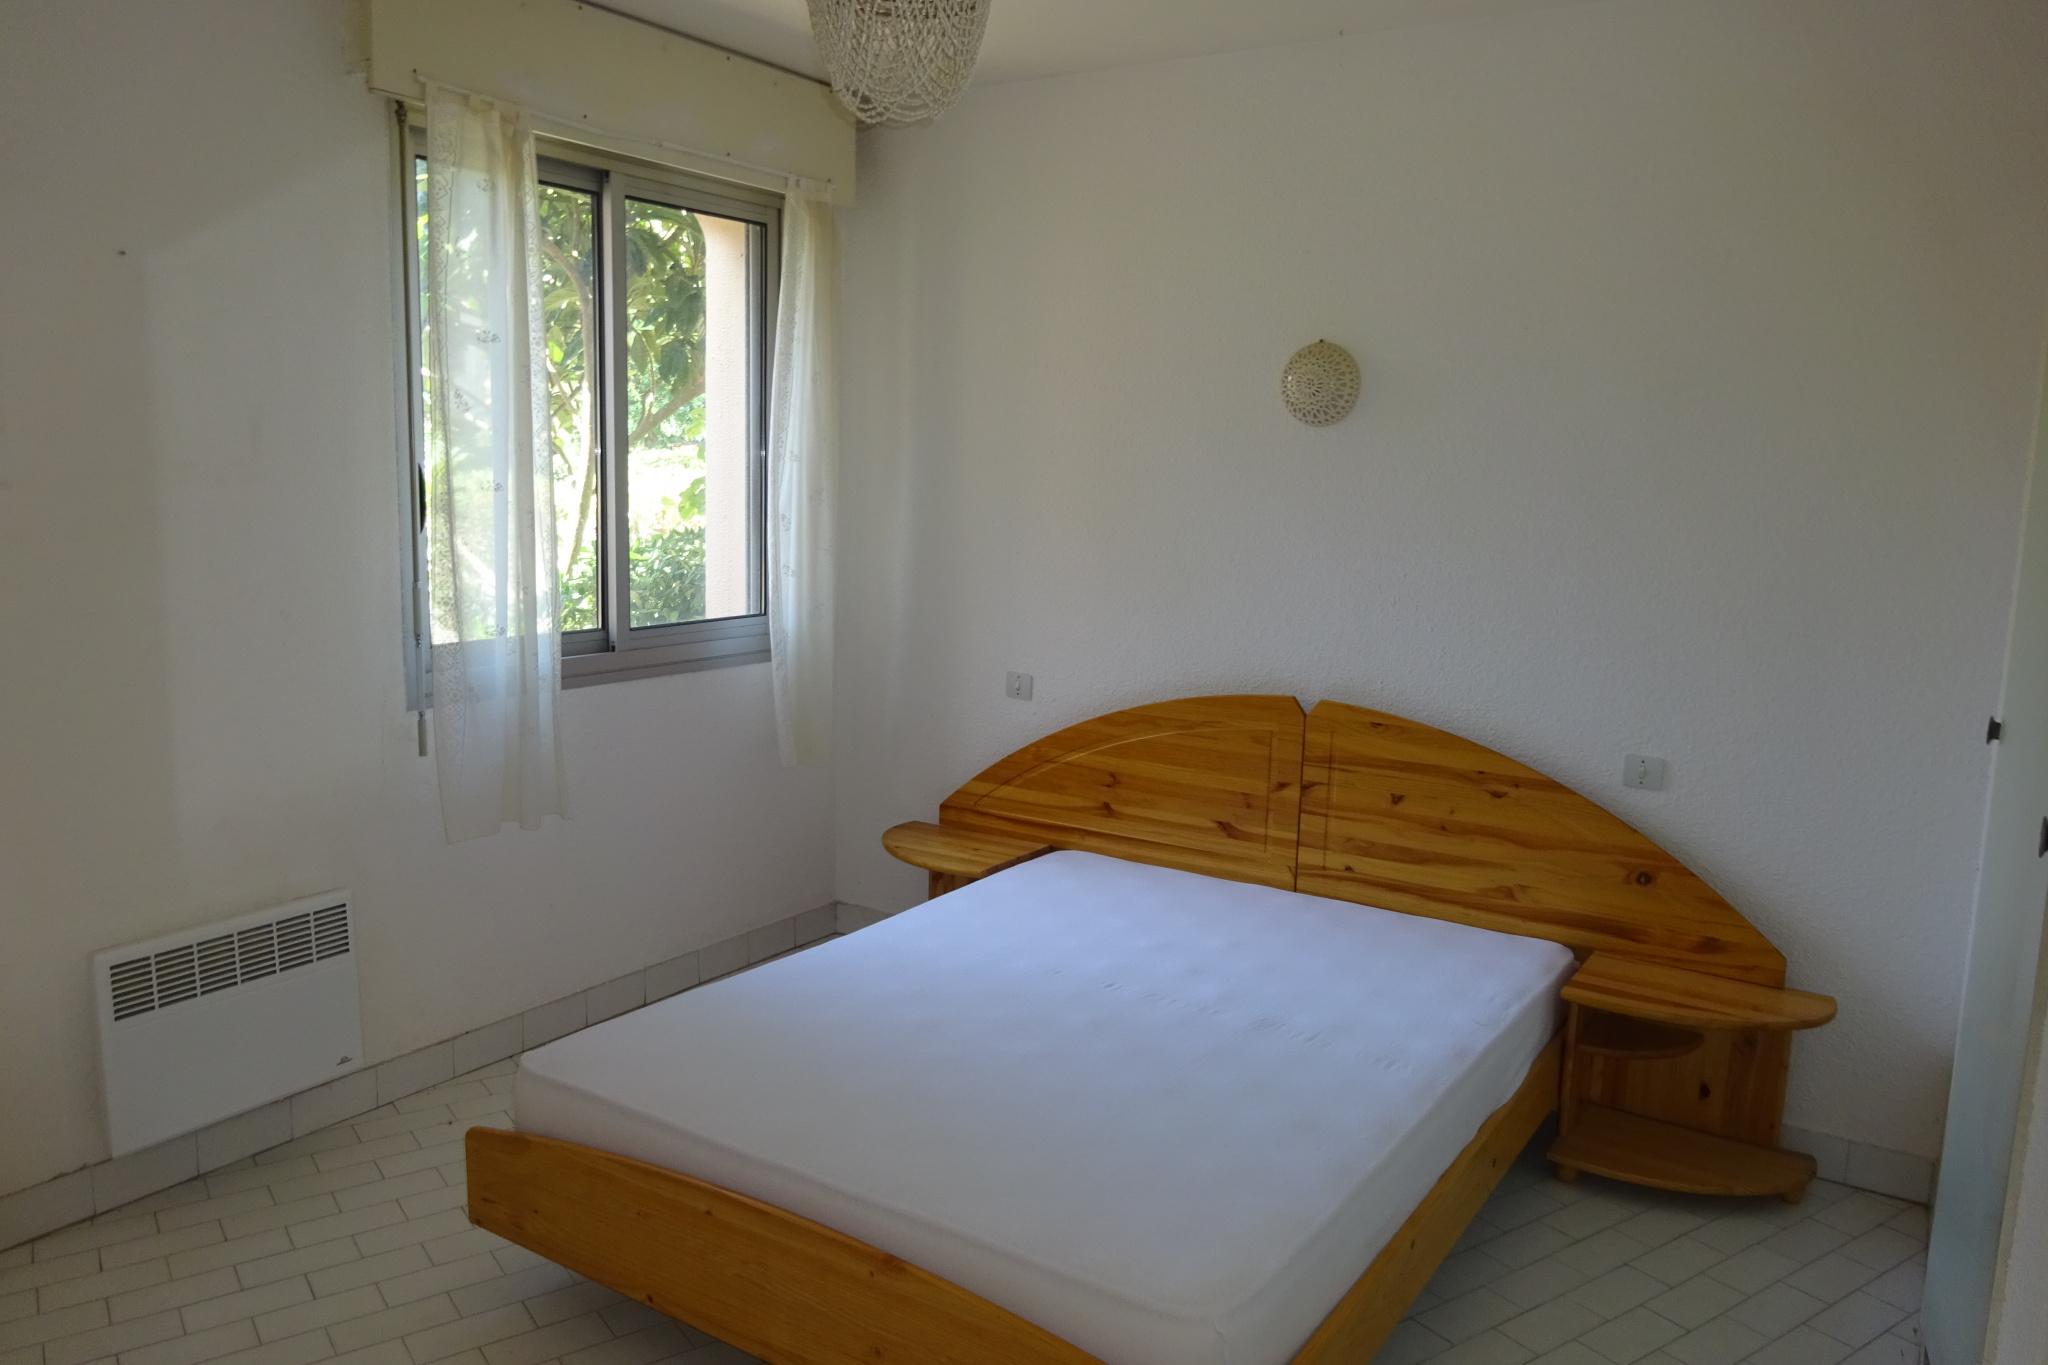 À vendre appartement de 60m2 à argeles sur mer (66700) - Photo 3'